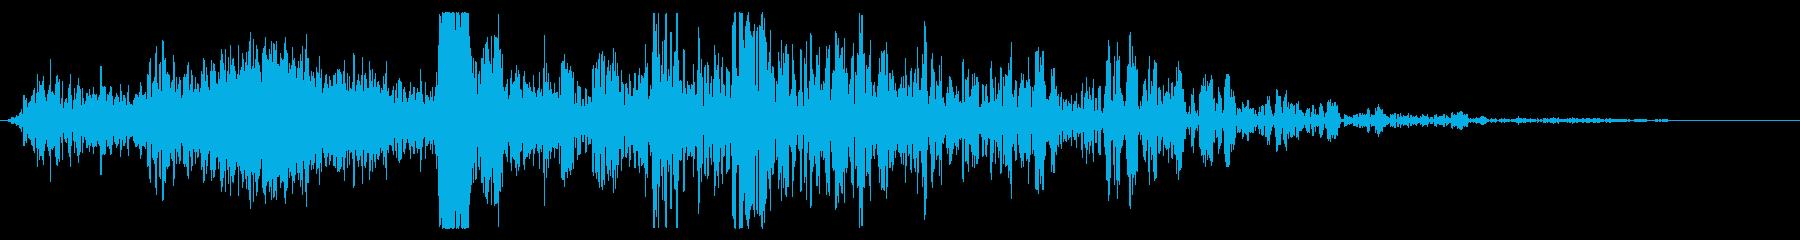 スモールメテオ:ライトインパクトス...の再生済みの波形